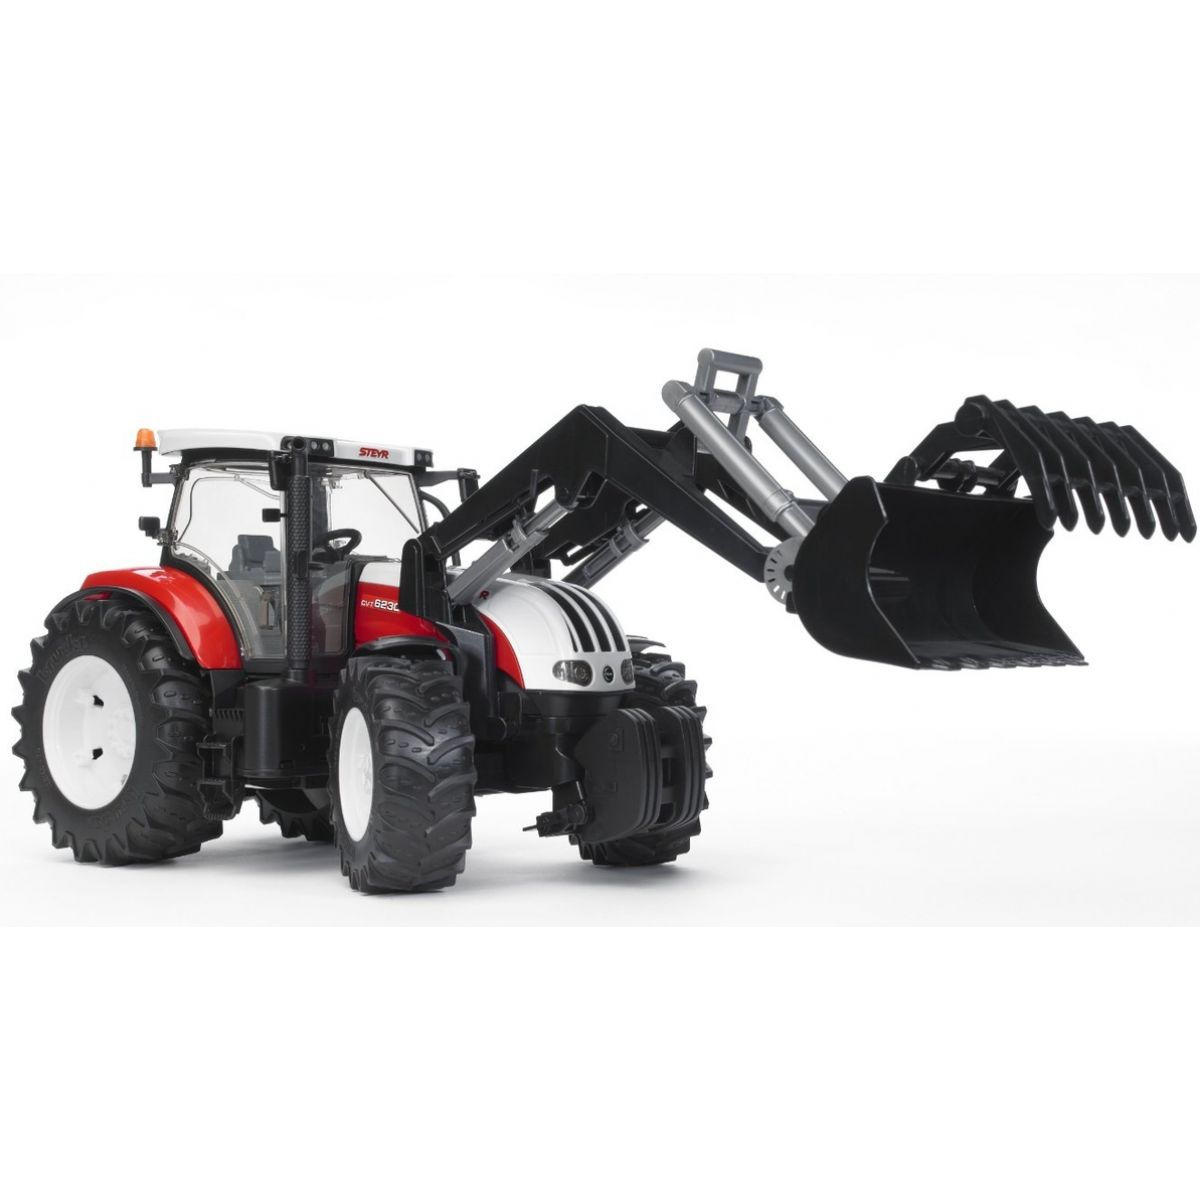 Bruder 03091 Traktor Steyr CVT 6230 s čelním nakladačem